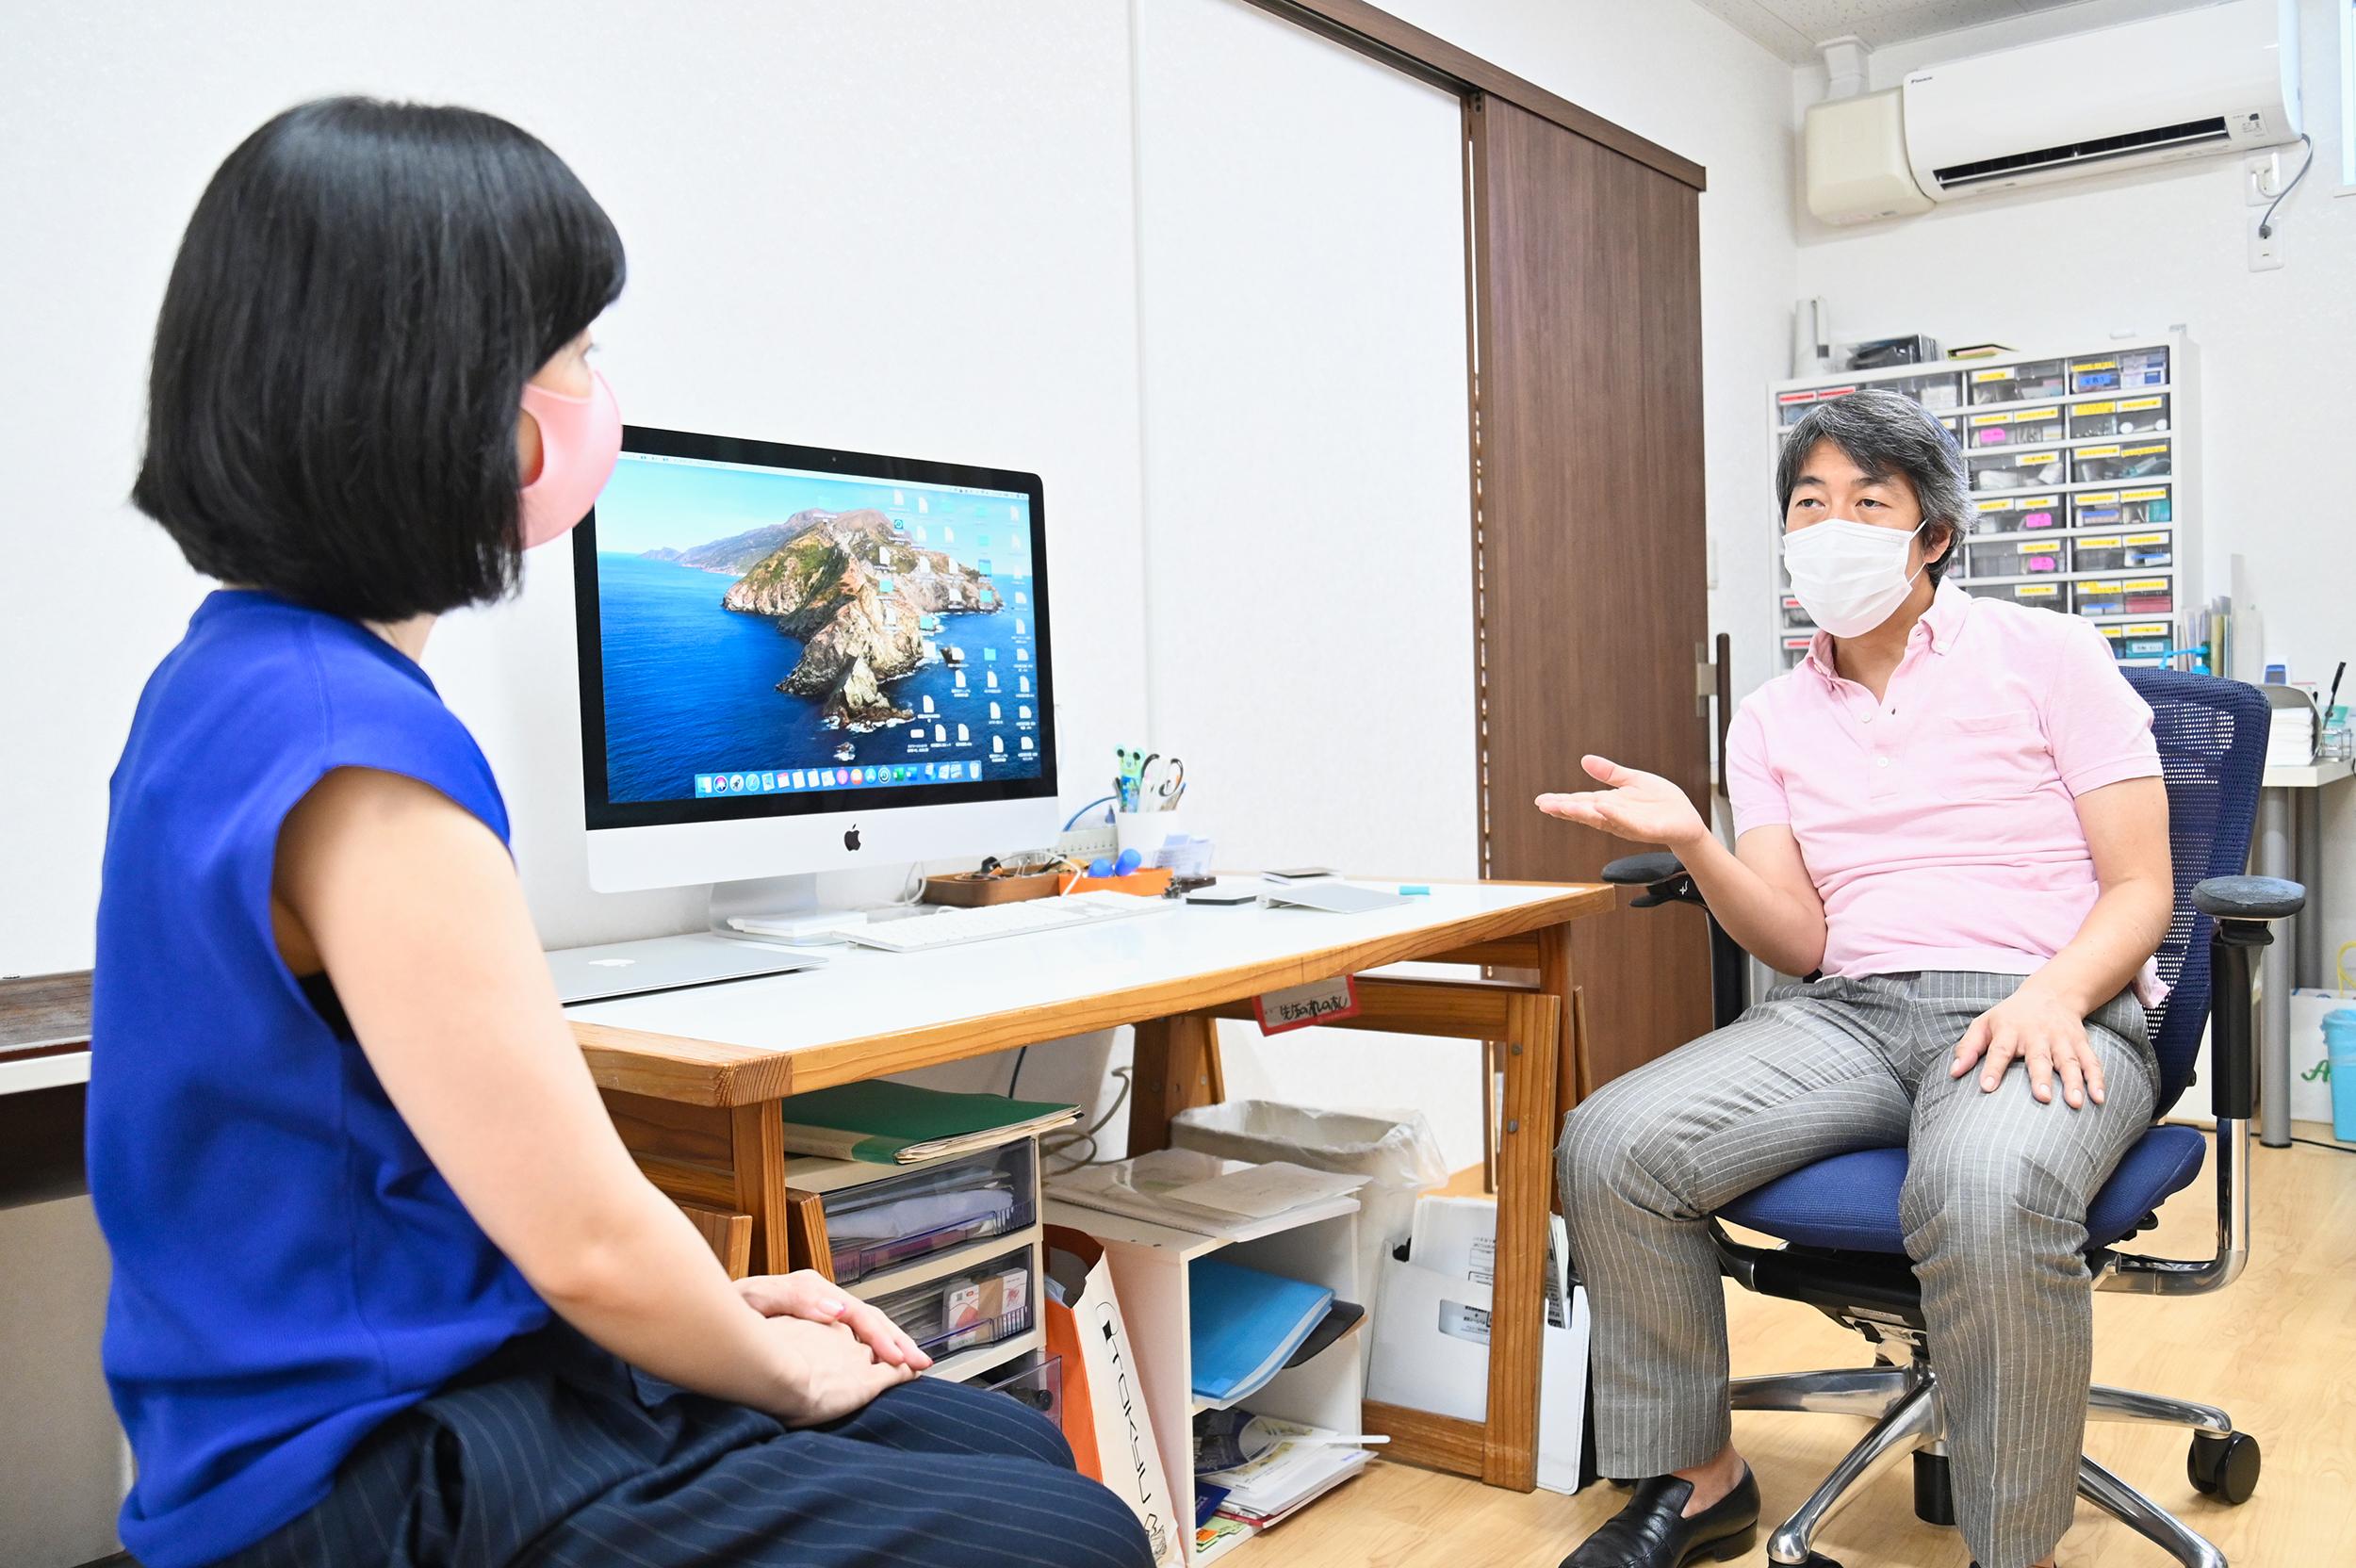 コロナウイルスの検査って?抗体検査を体験してみた!